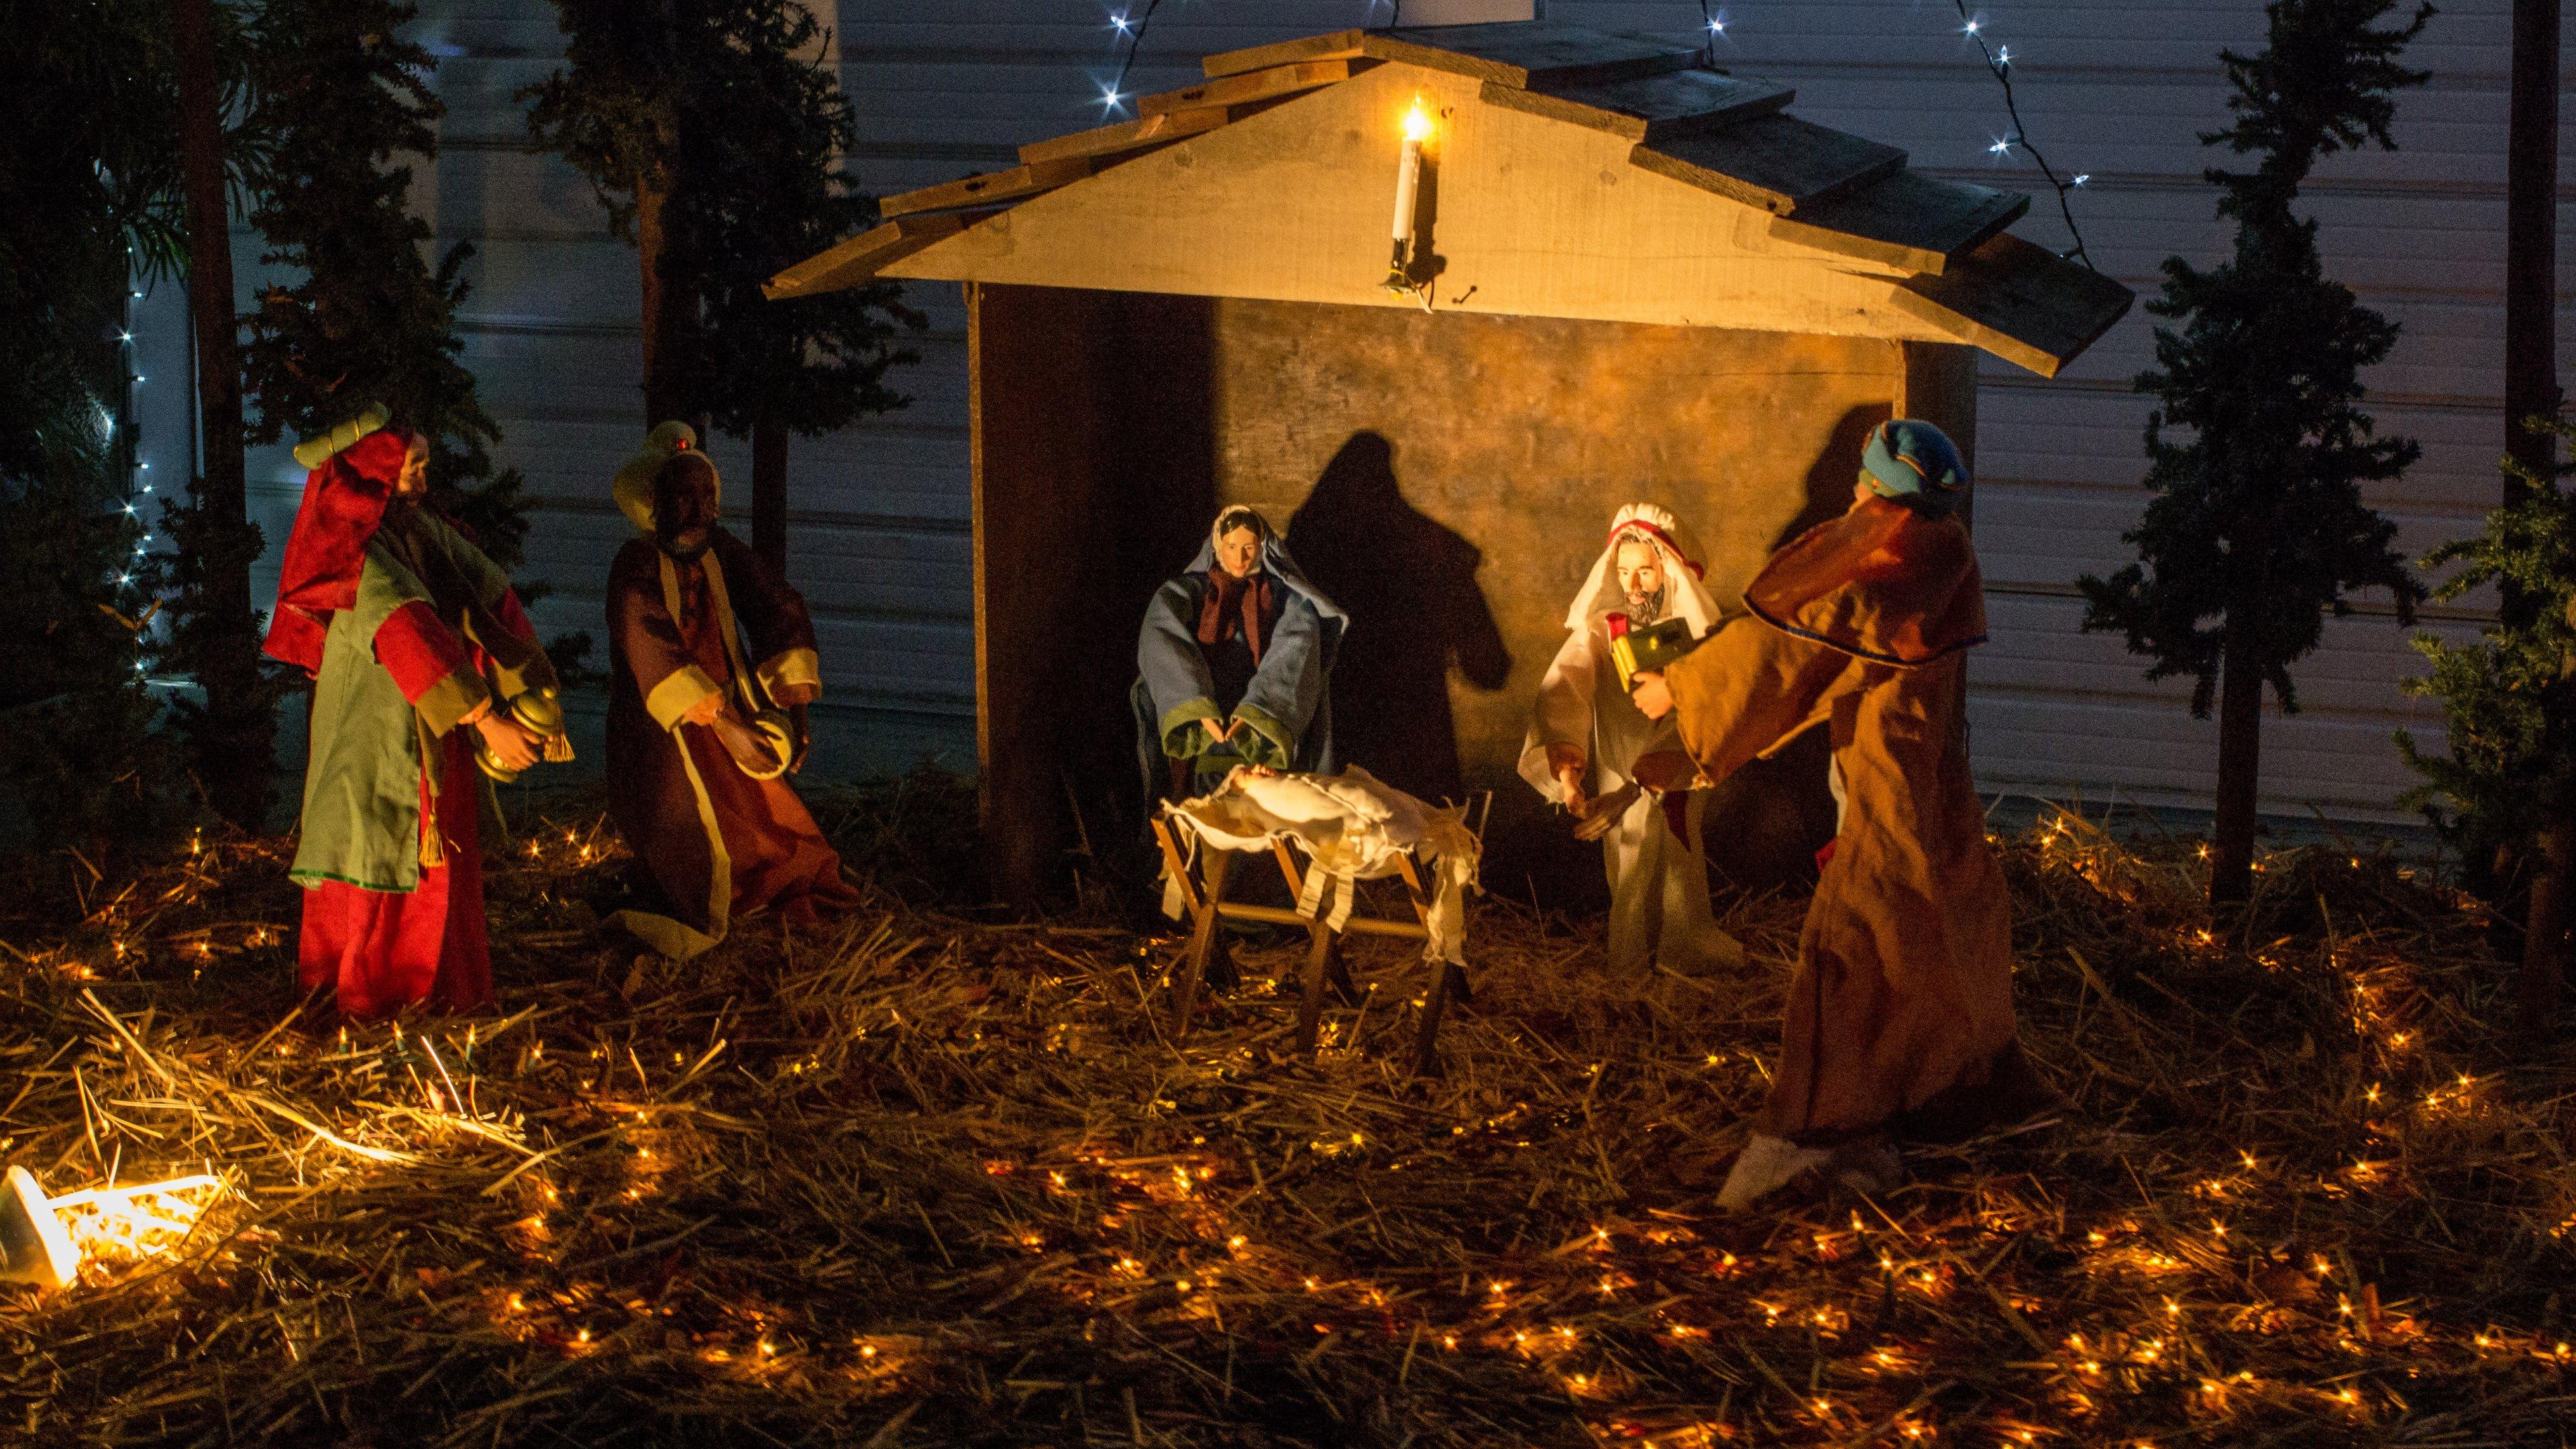 nativity scene wallpaper hd wallpapers